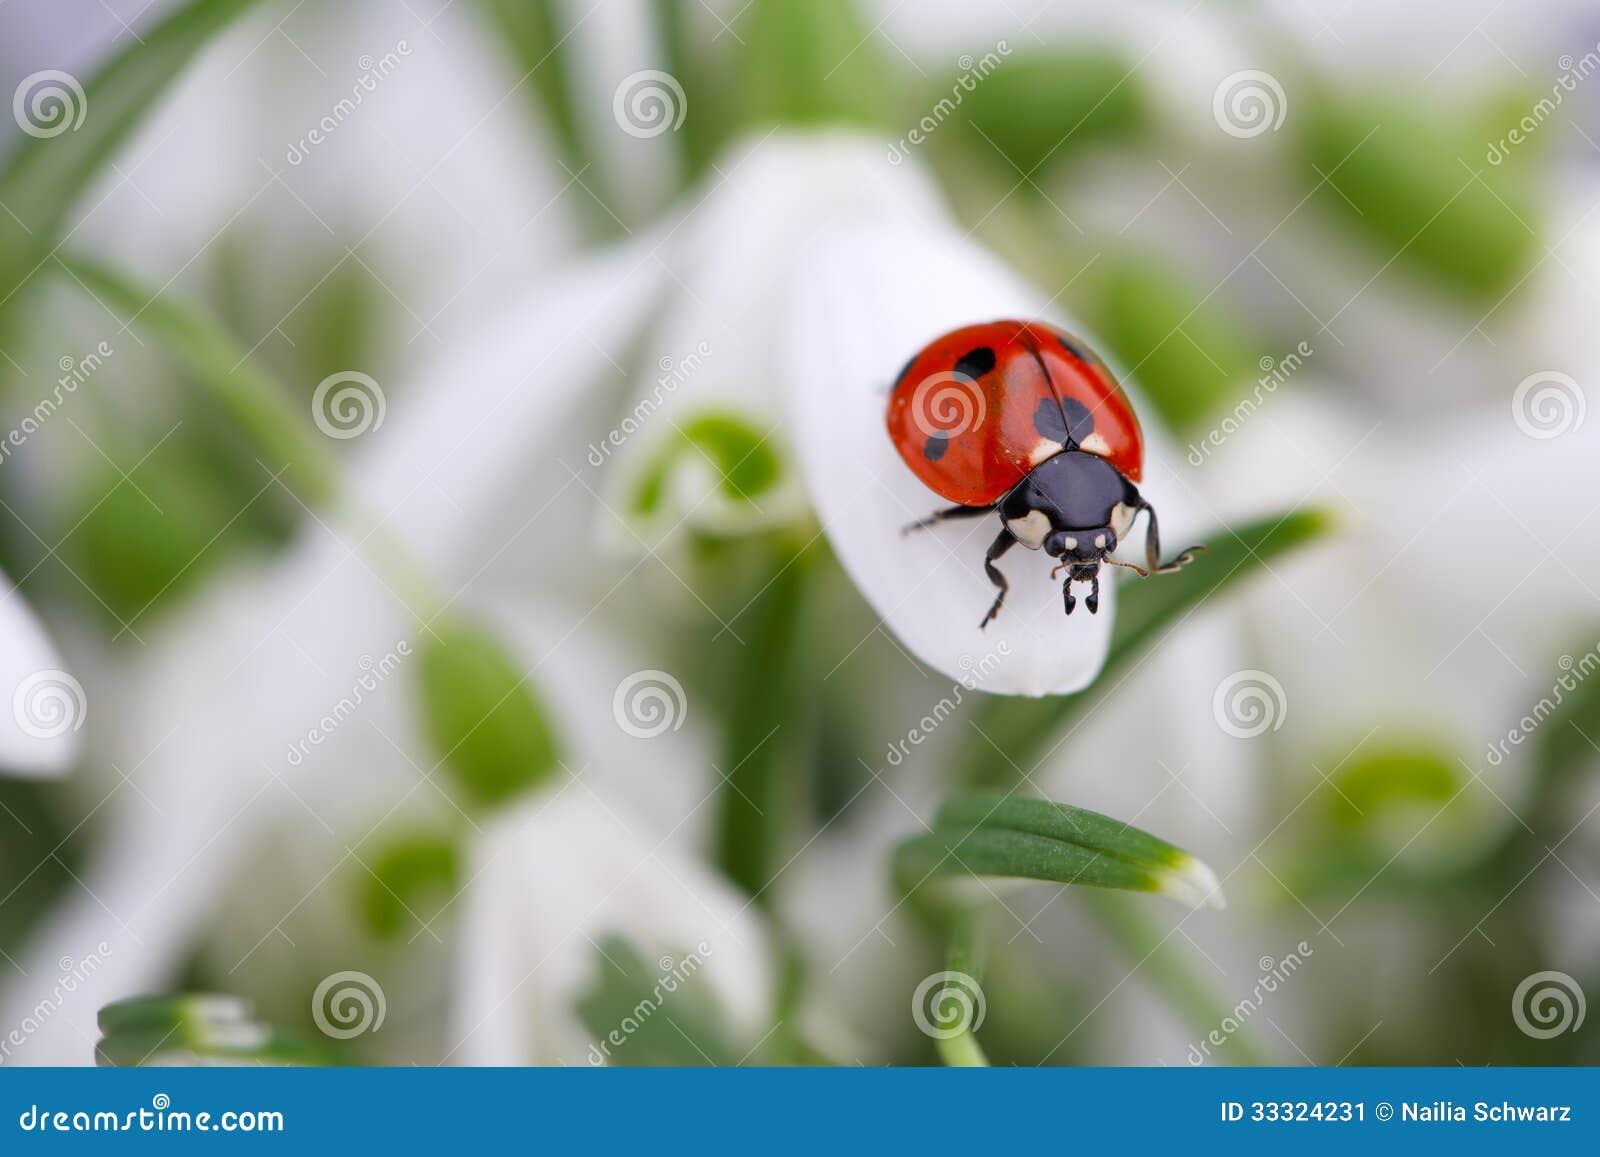 Marienkäfer Auf Schneeglöckchen Blumen Stockbild Bild Von Weiß